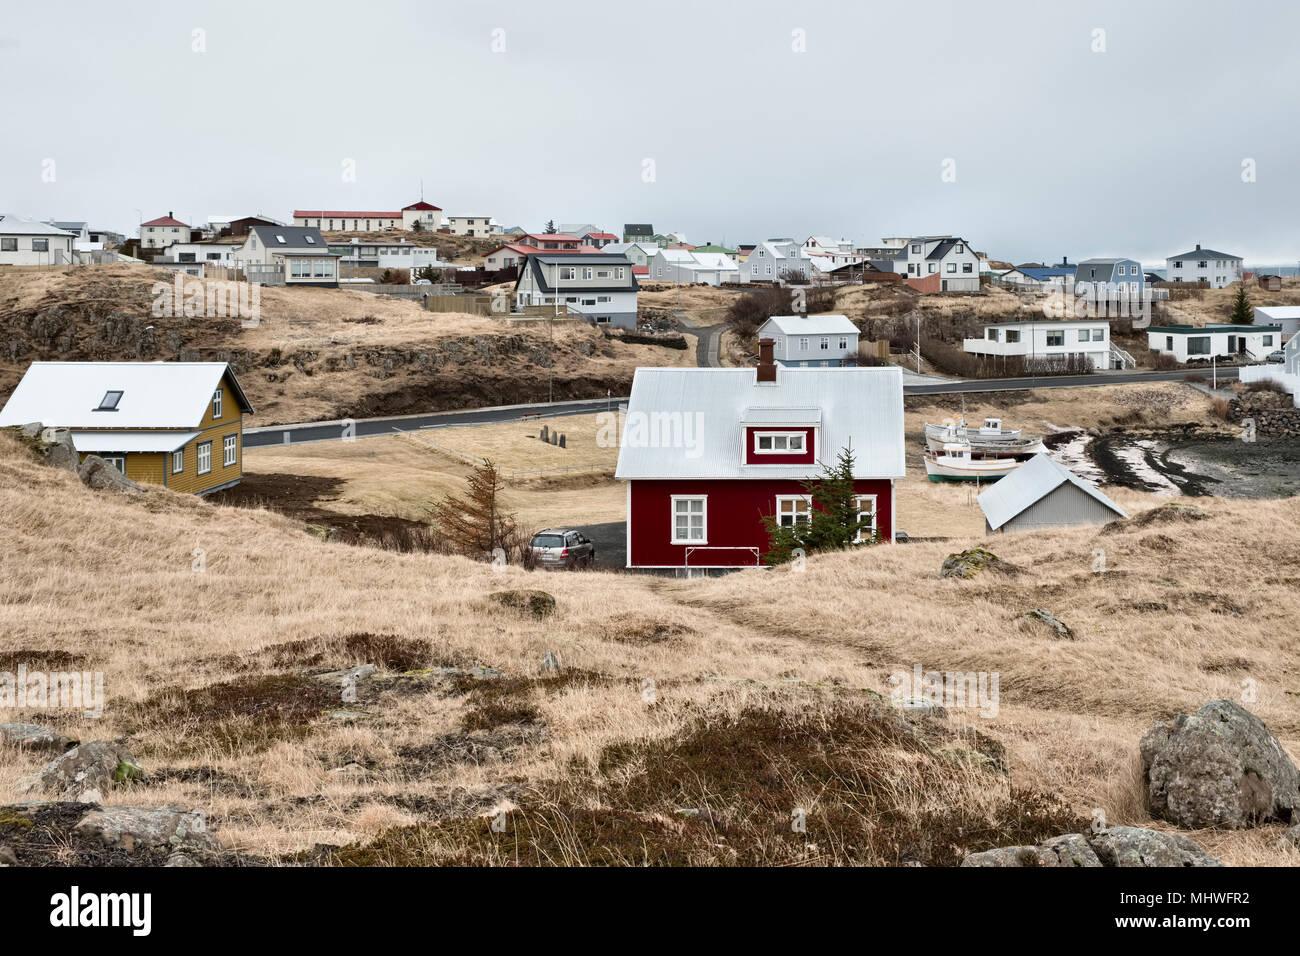 West Island - typische Häuser in der malerischen Stadt Stykkishólmur auf der Halbinsel Snaefellsnes. Stockbild